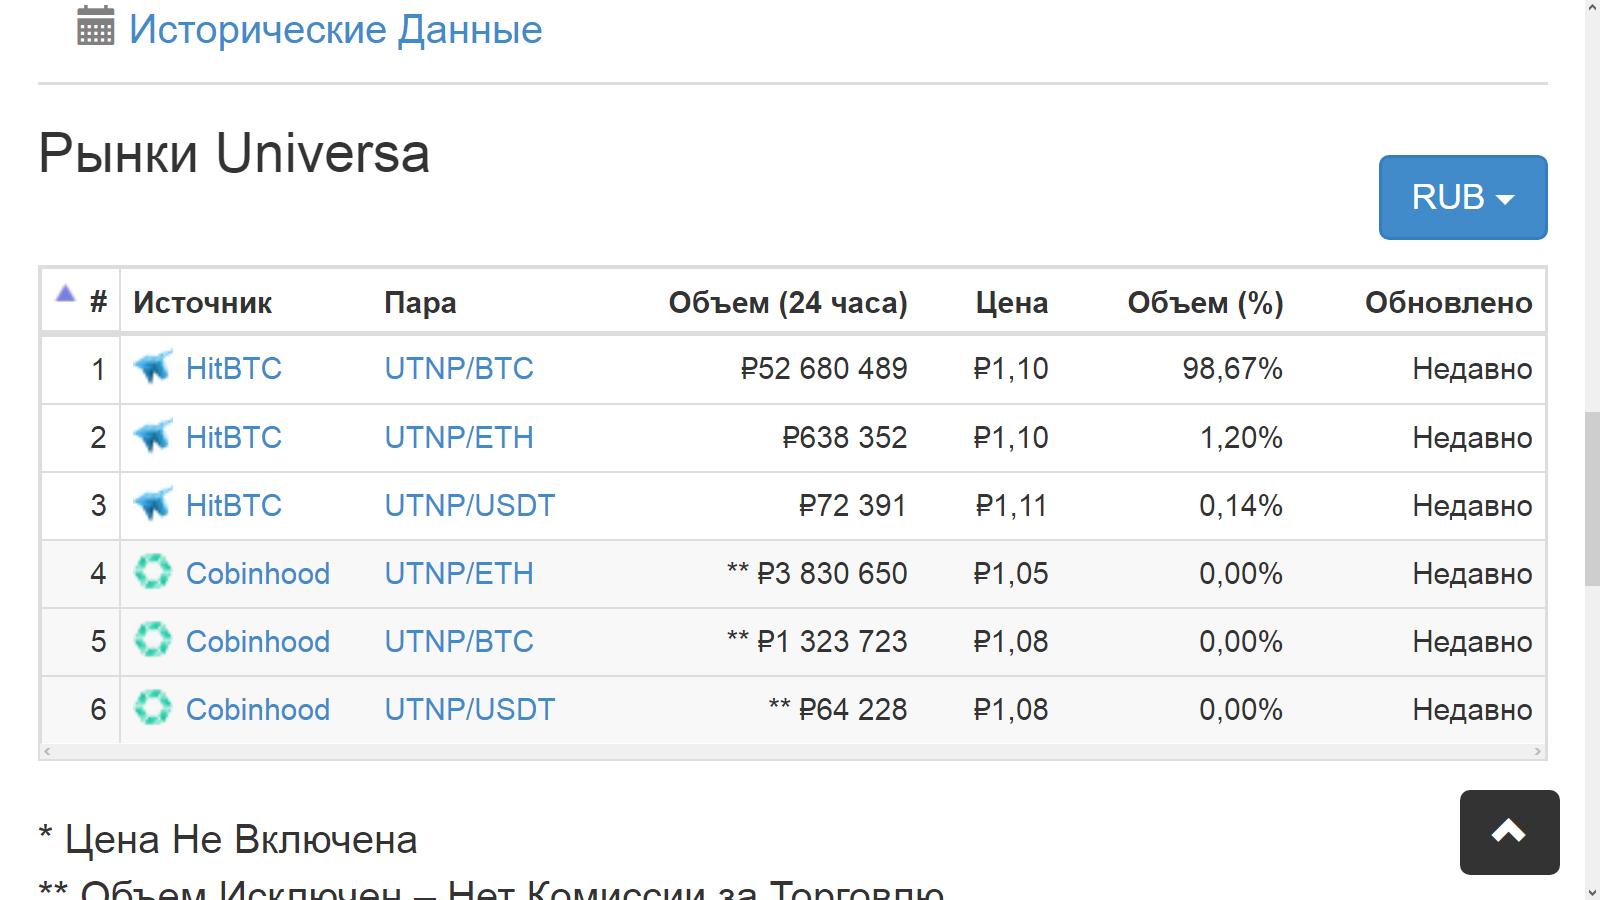 Где купить Юниверса - список бирж и курс